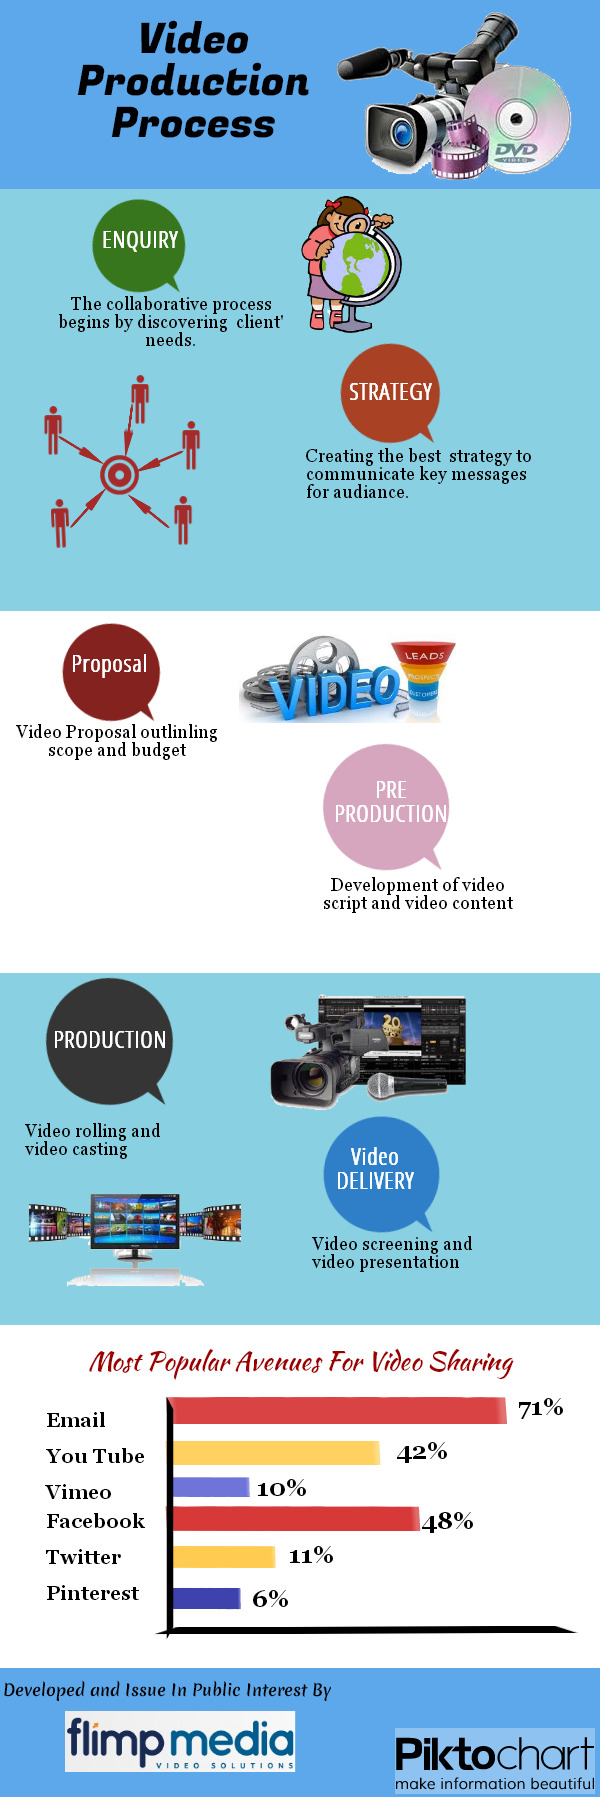 video-production-process_524020dcb2d3a